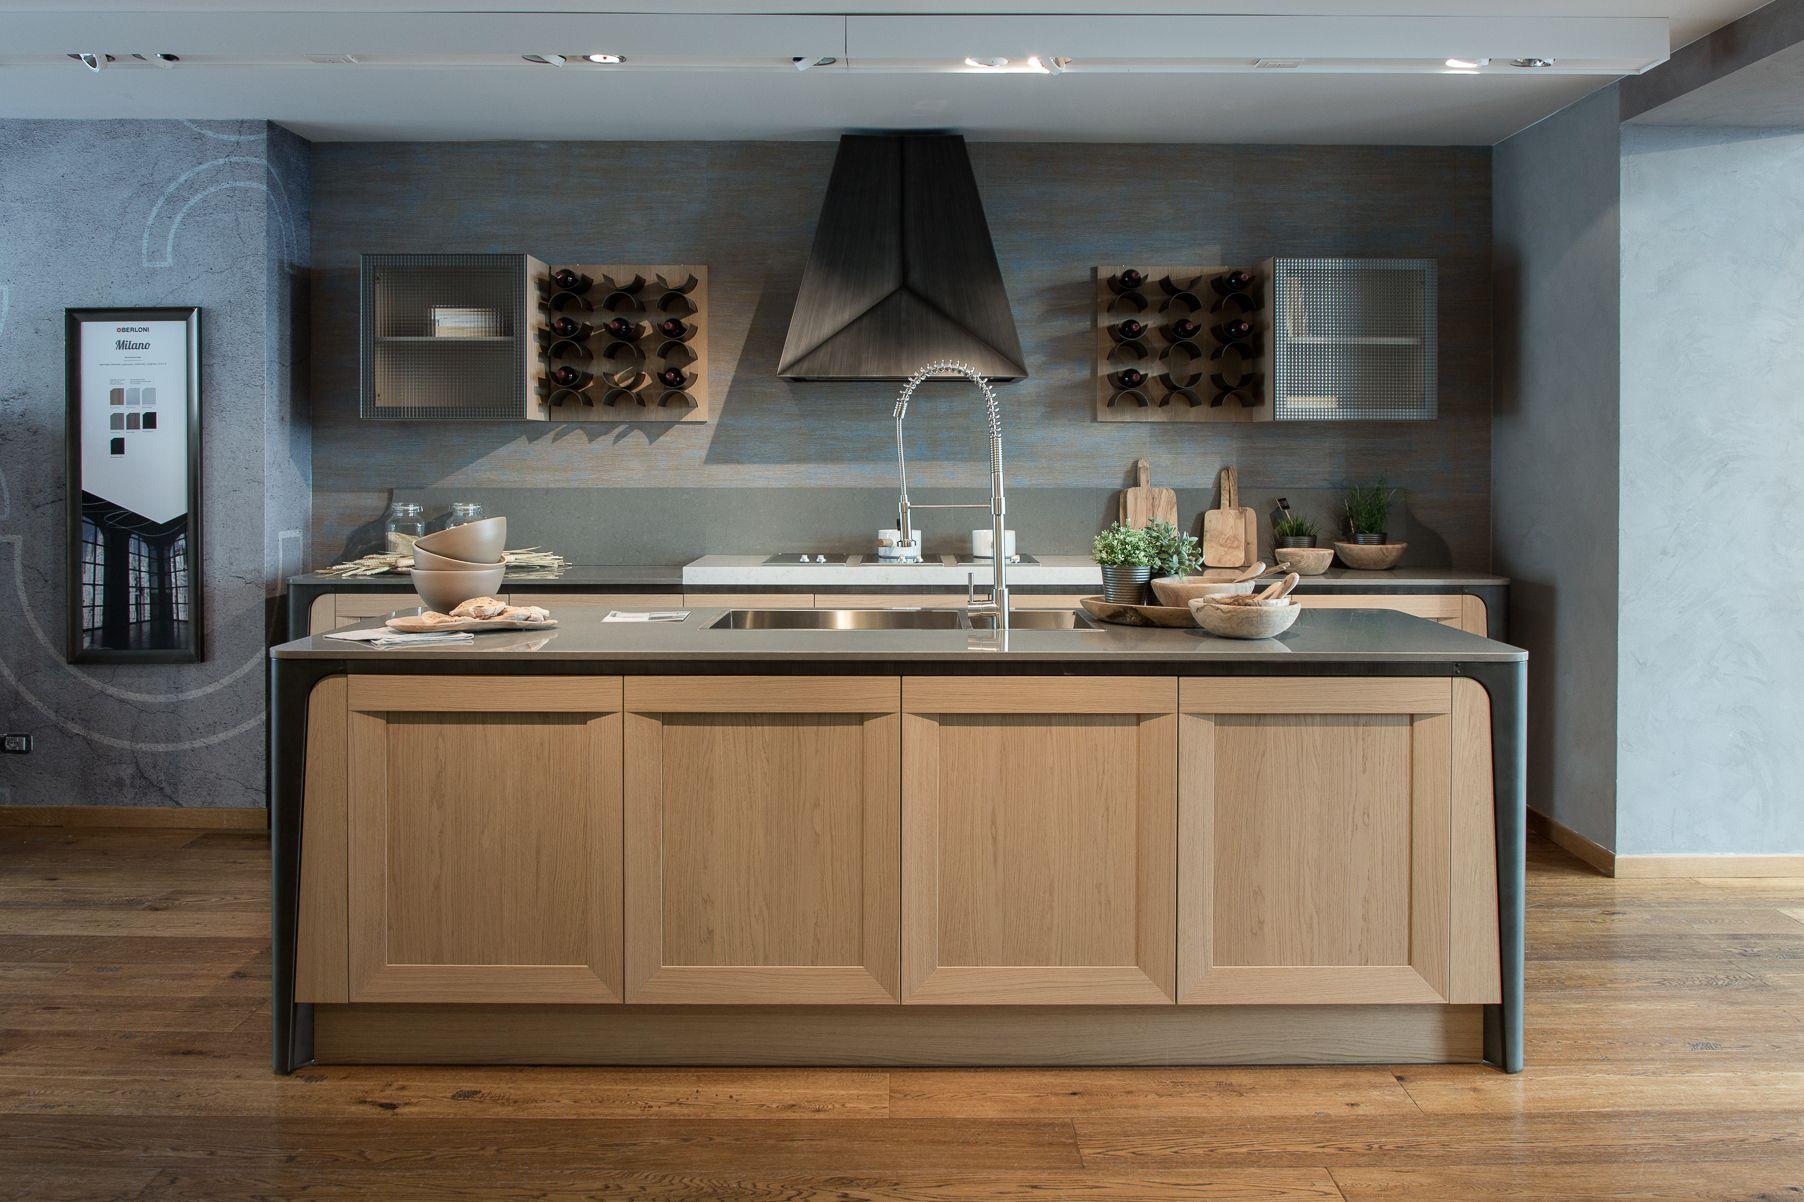 Berloni Küchen ~ Berloni milano kitchen aimees ideas pinterest kitchens and